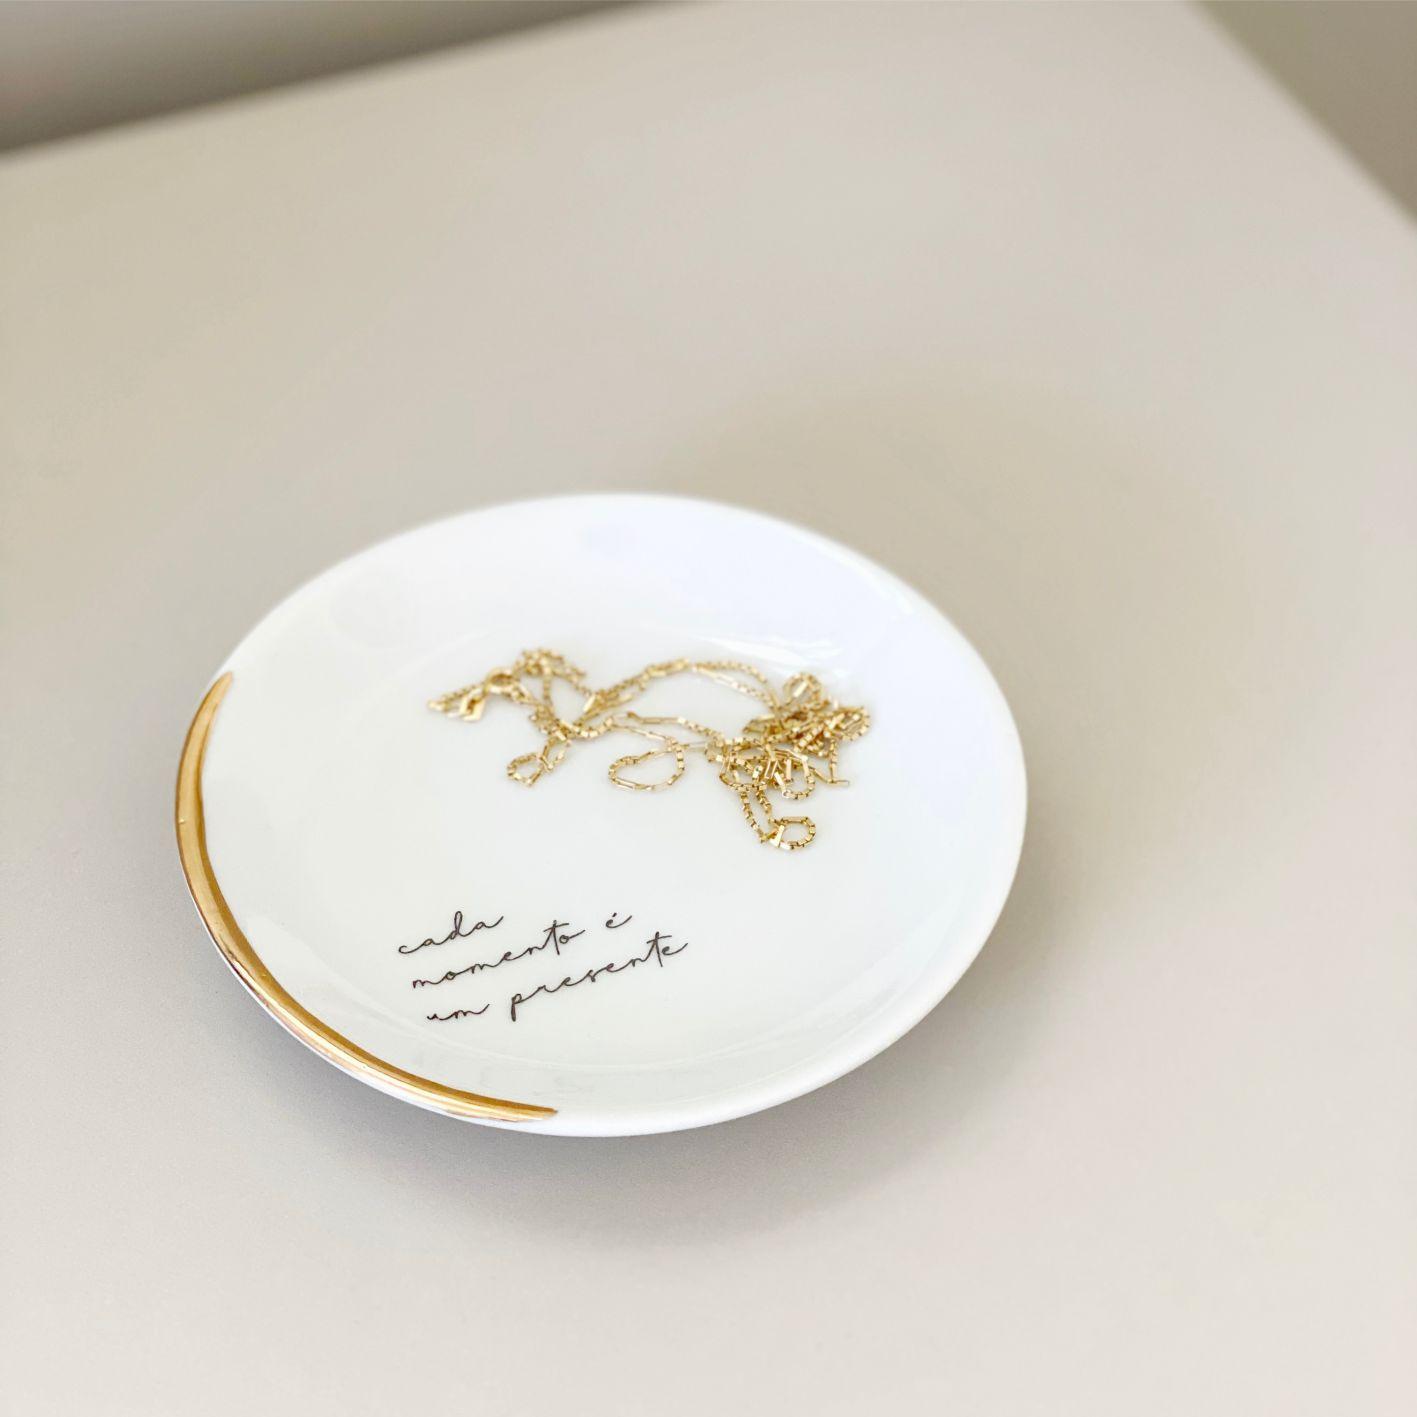 Pratinho de Porcelana Cada Momento com Friso em Ouro